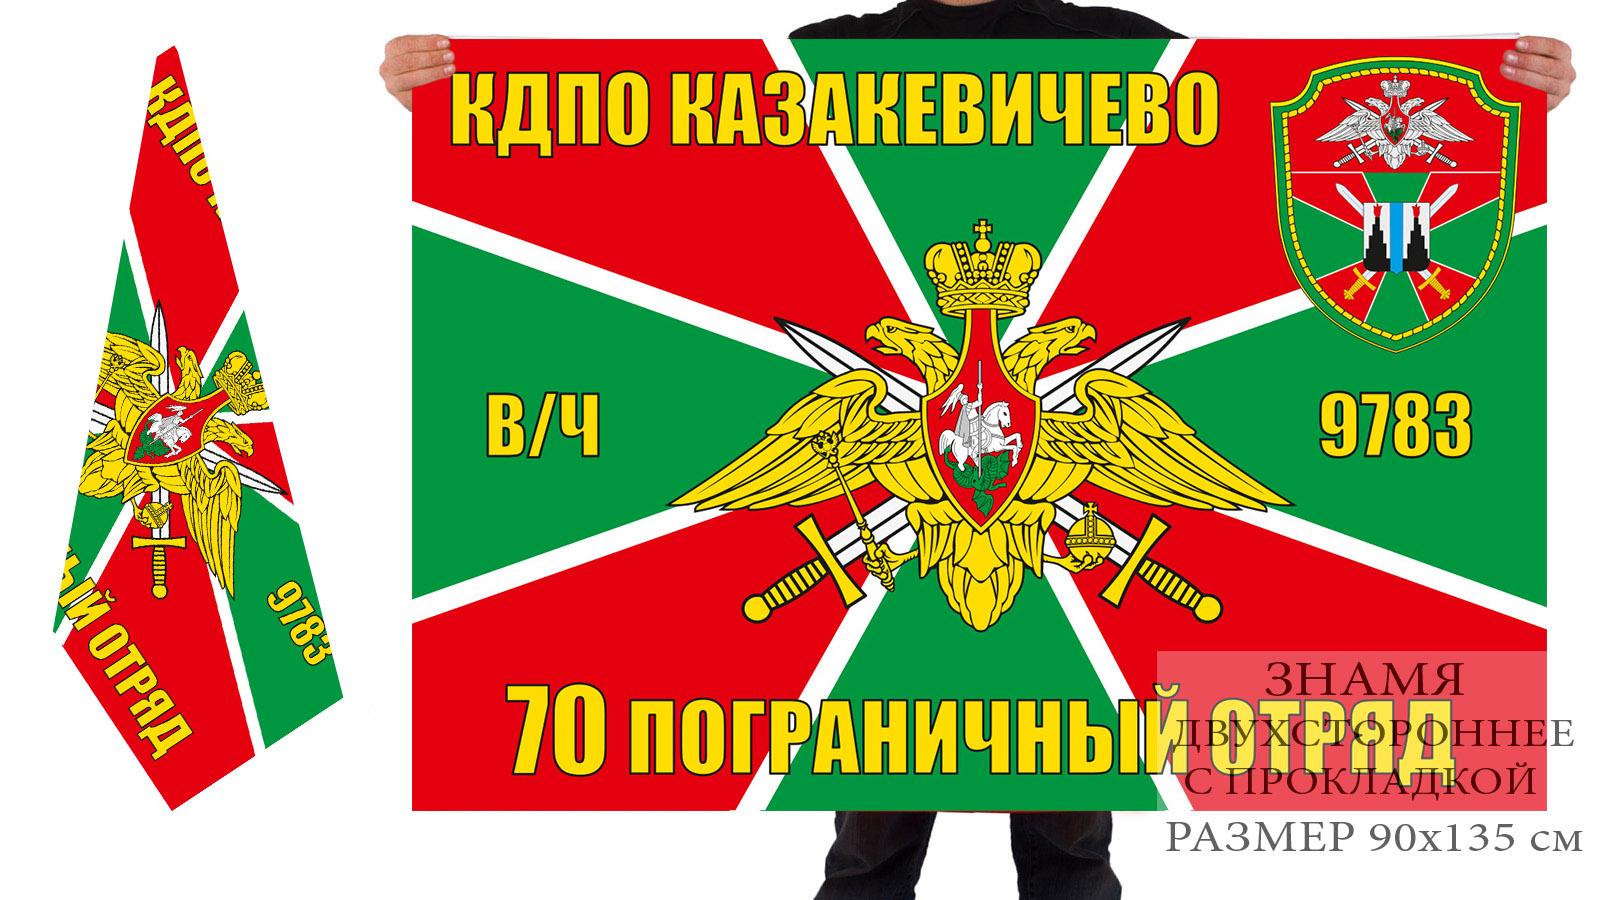 Двусторонний флаг 70 Пограничного отряда Казакевичево